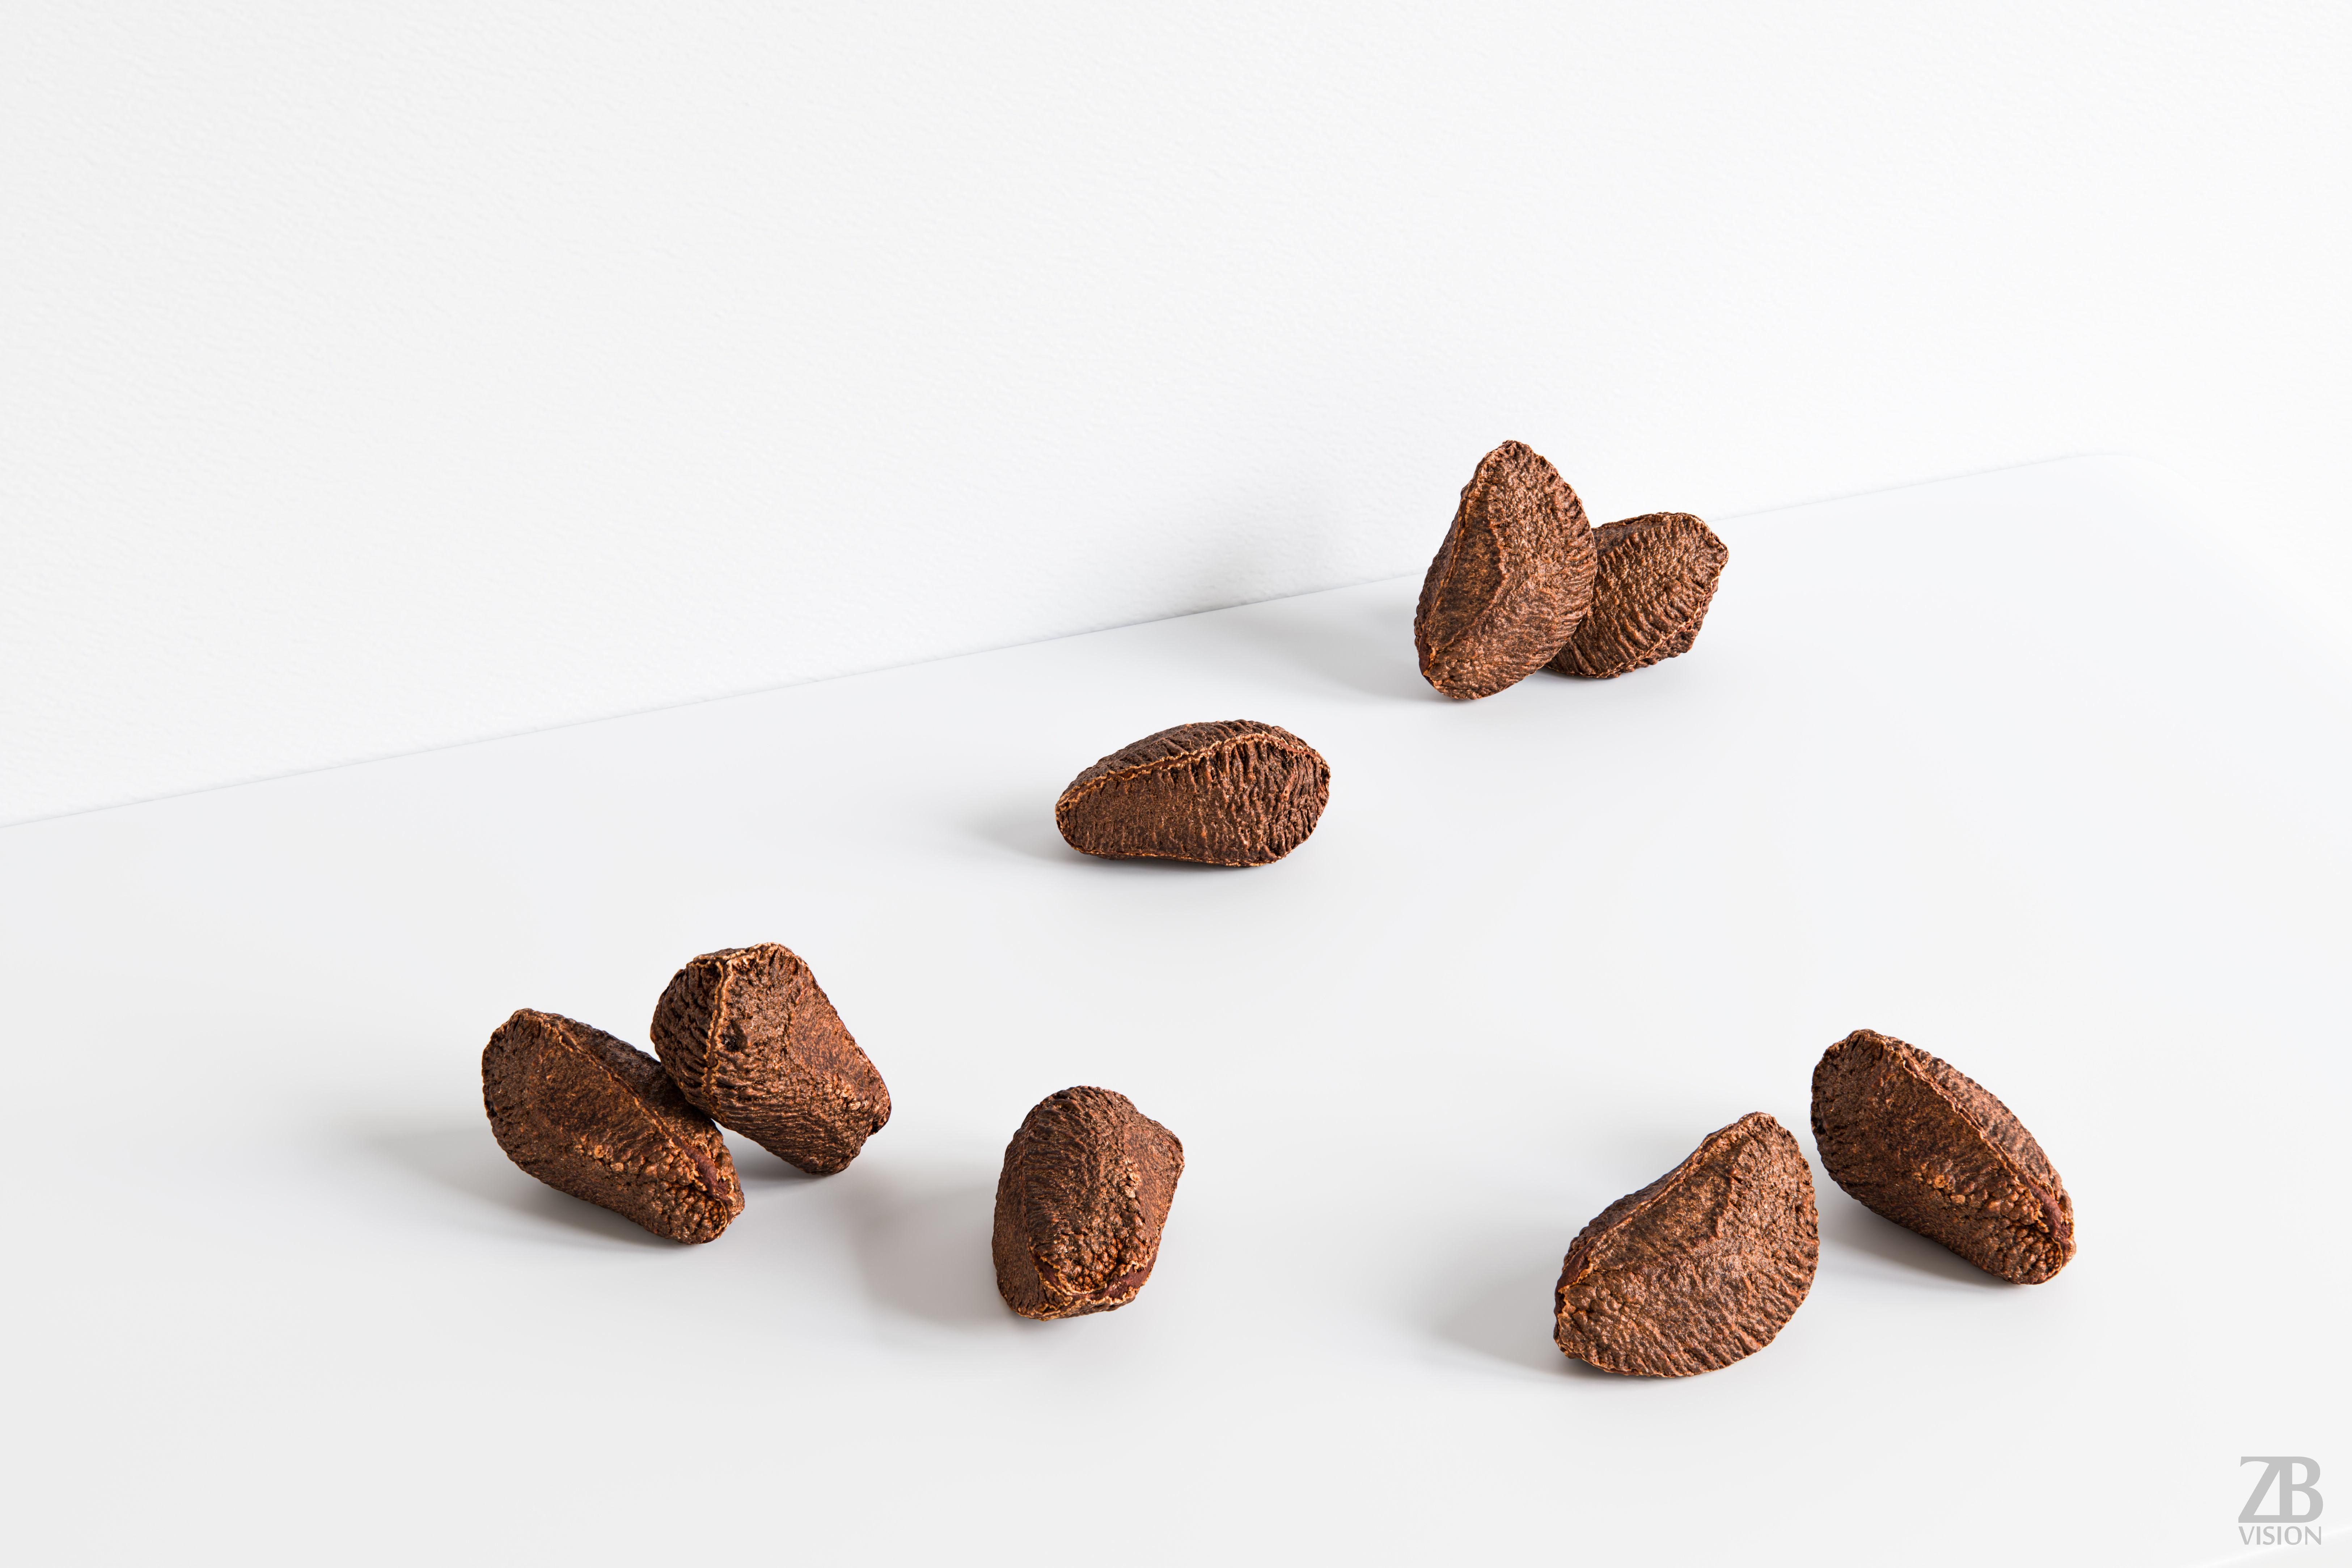 Brazil Nut 002